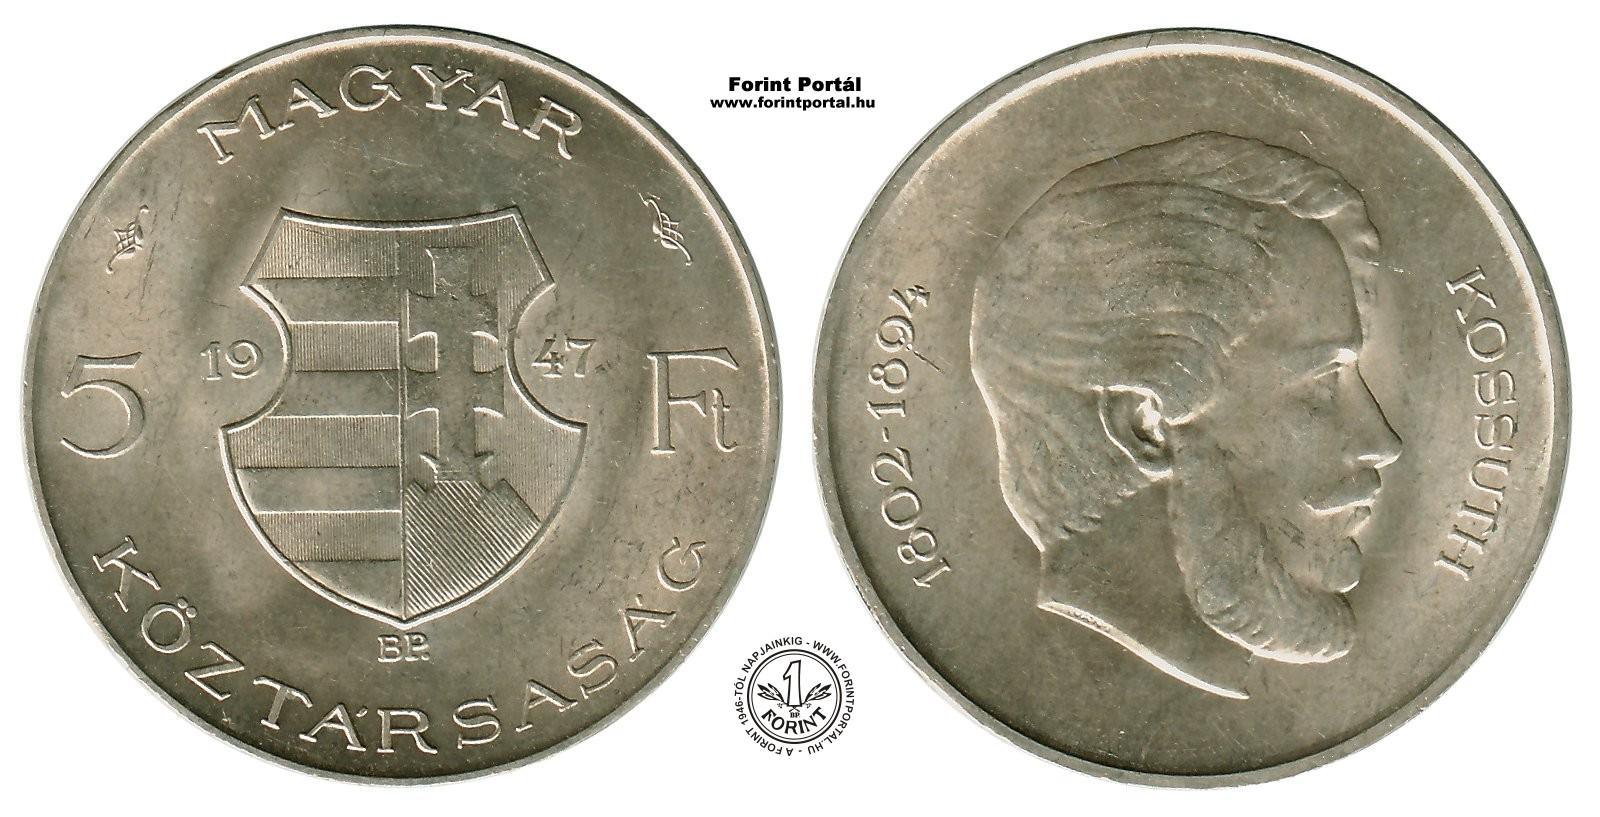 http://www.forintportal.hu/forint/5_forint/www_forintportal_hu_1947_5_forint.jpg